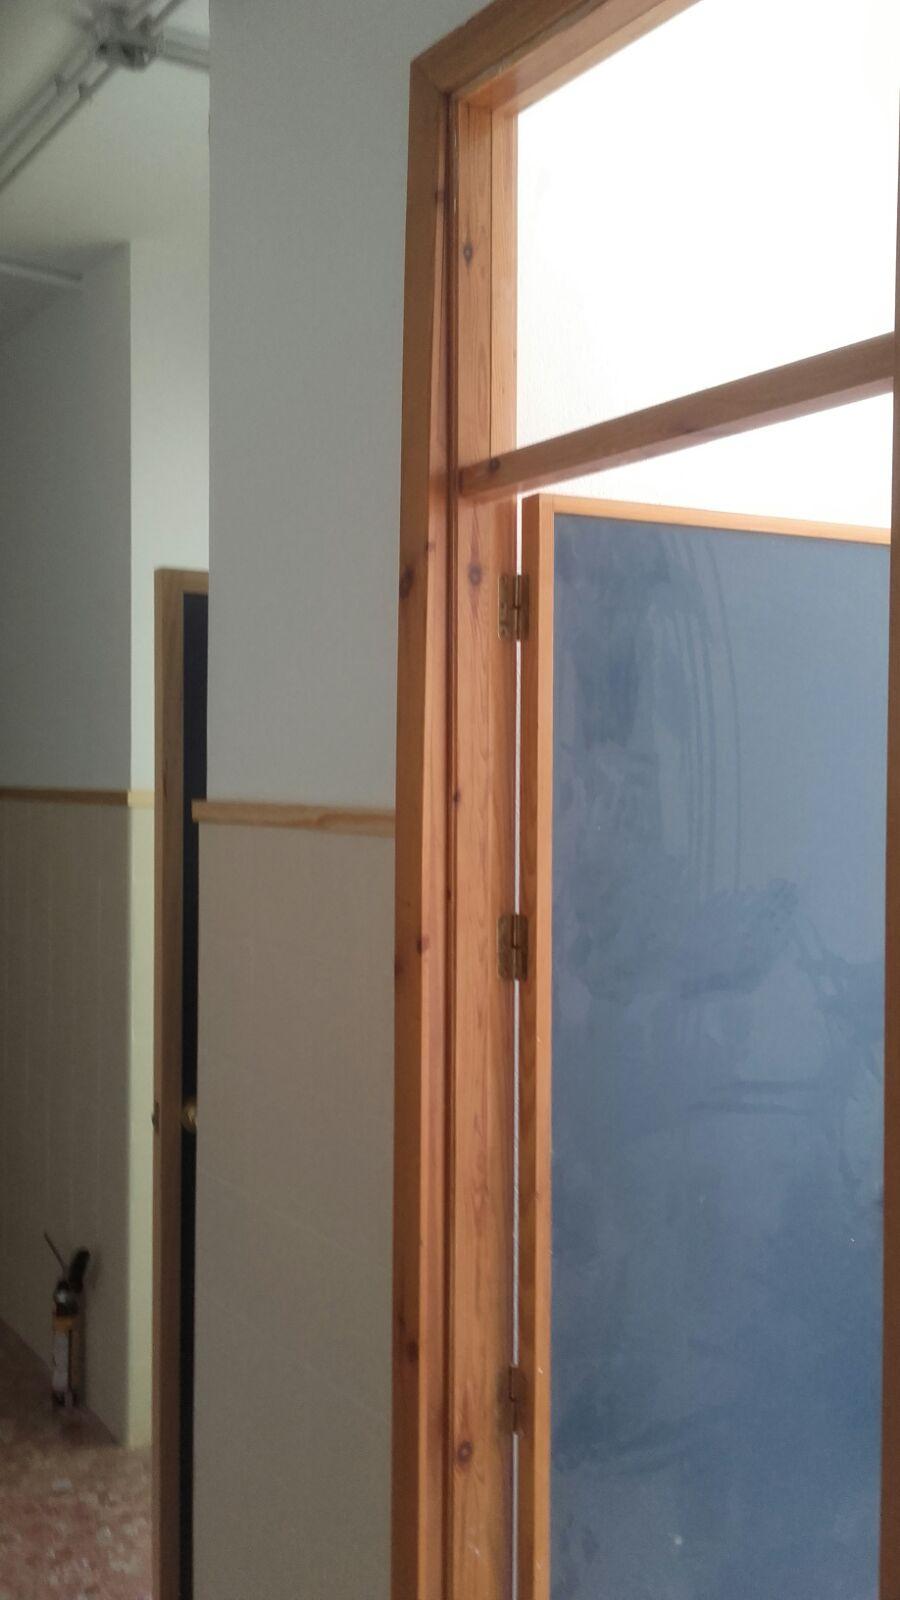 Marcos de madera para puertas en granada carpinteria - Marcos de puertas de madera ...